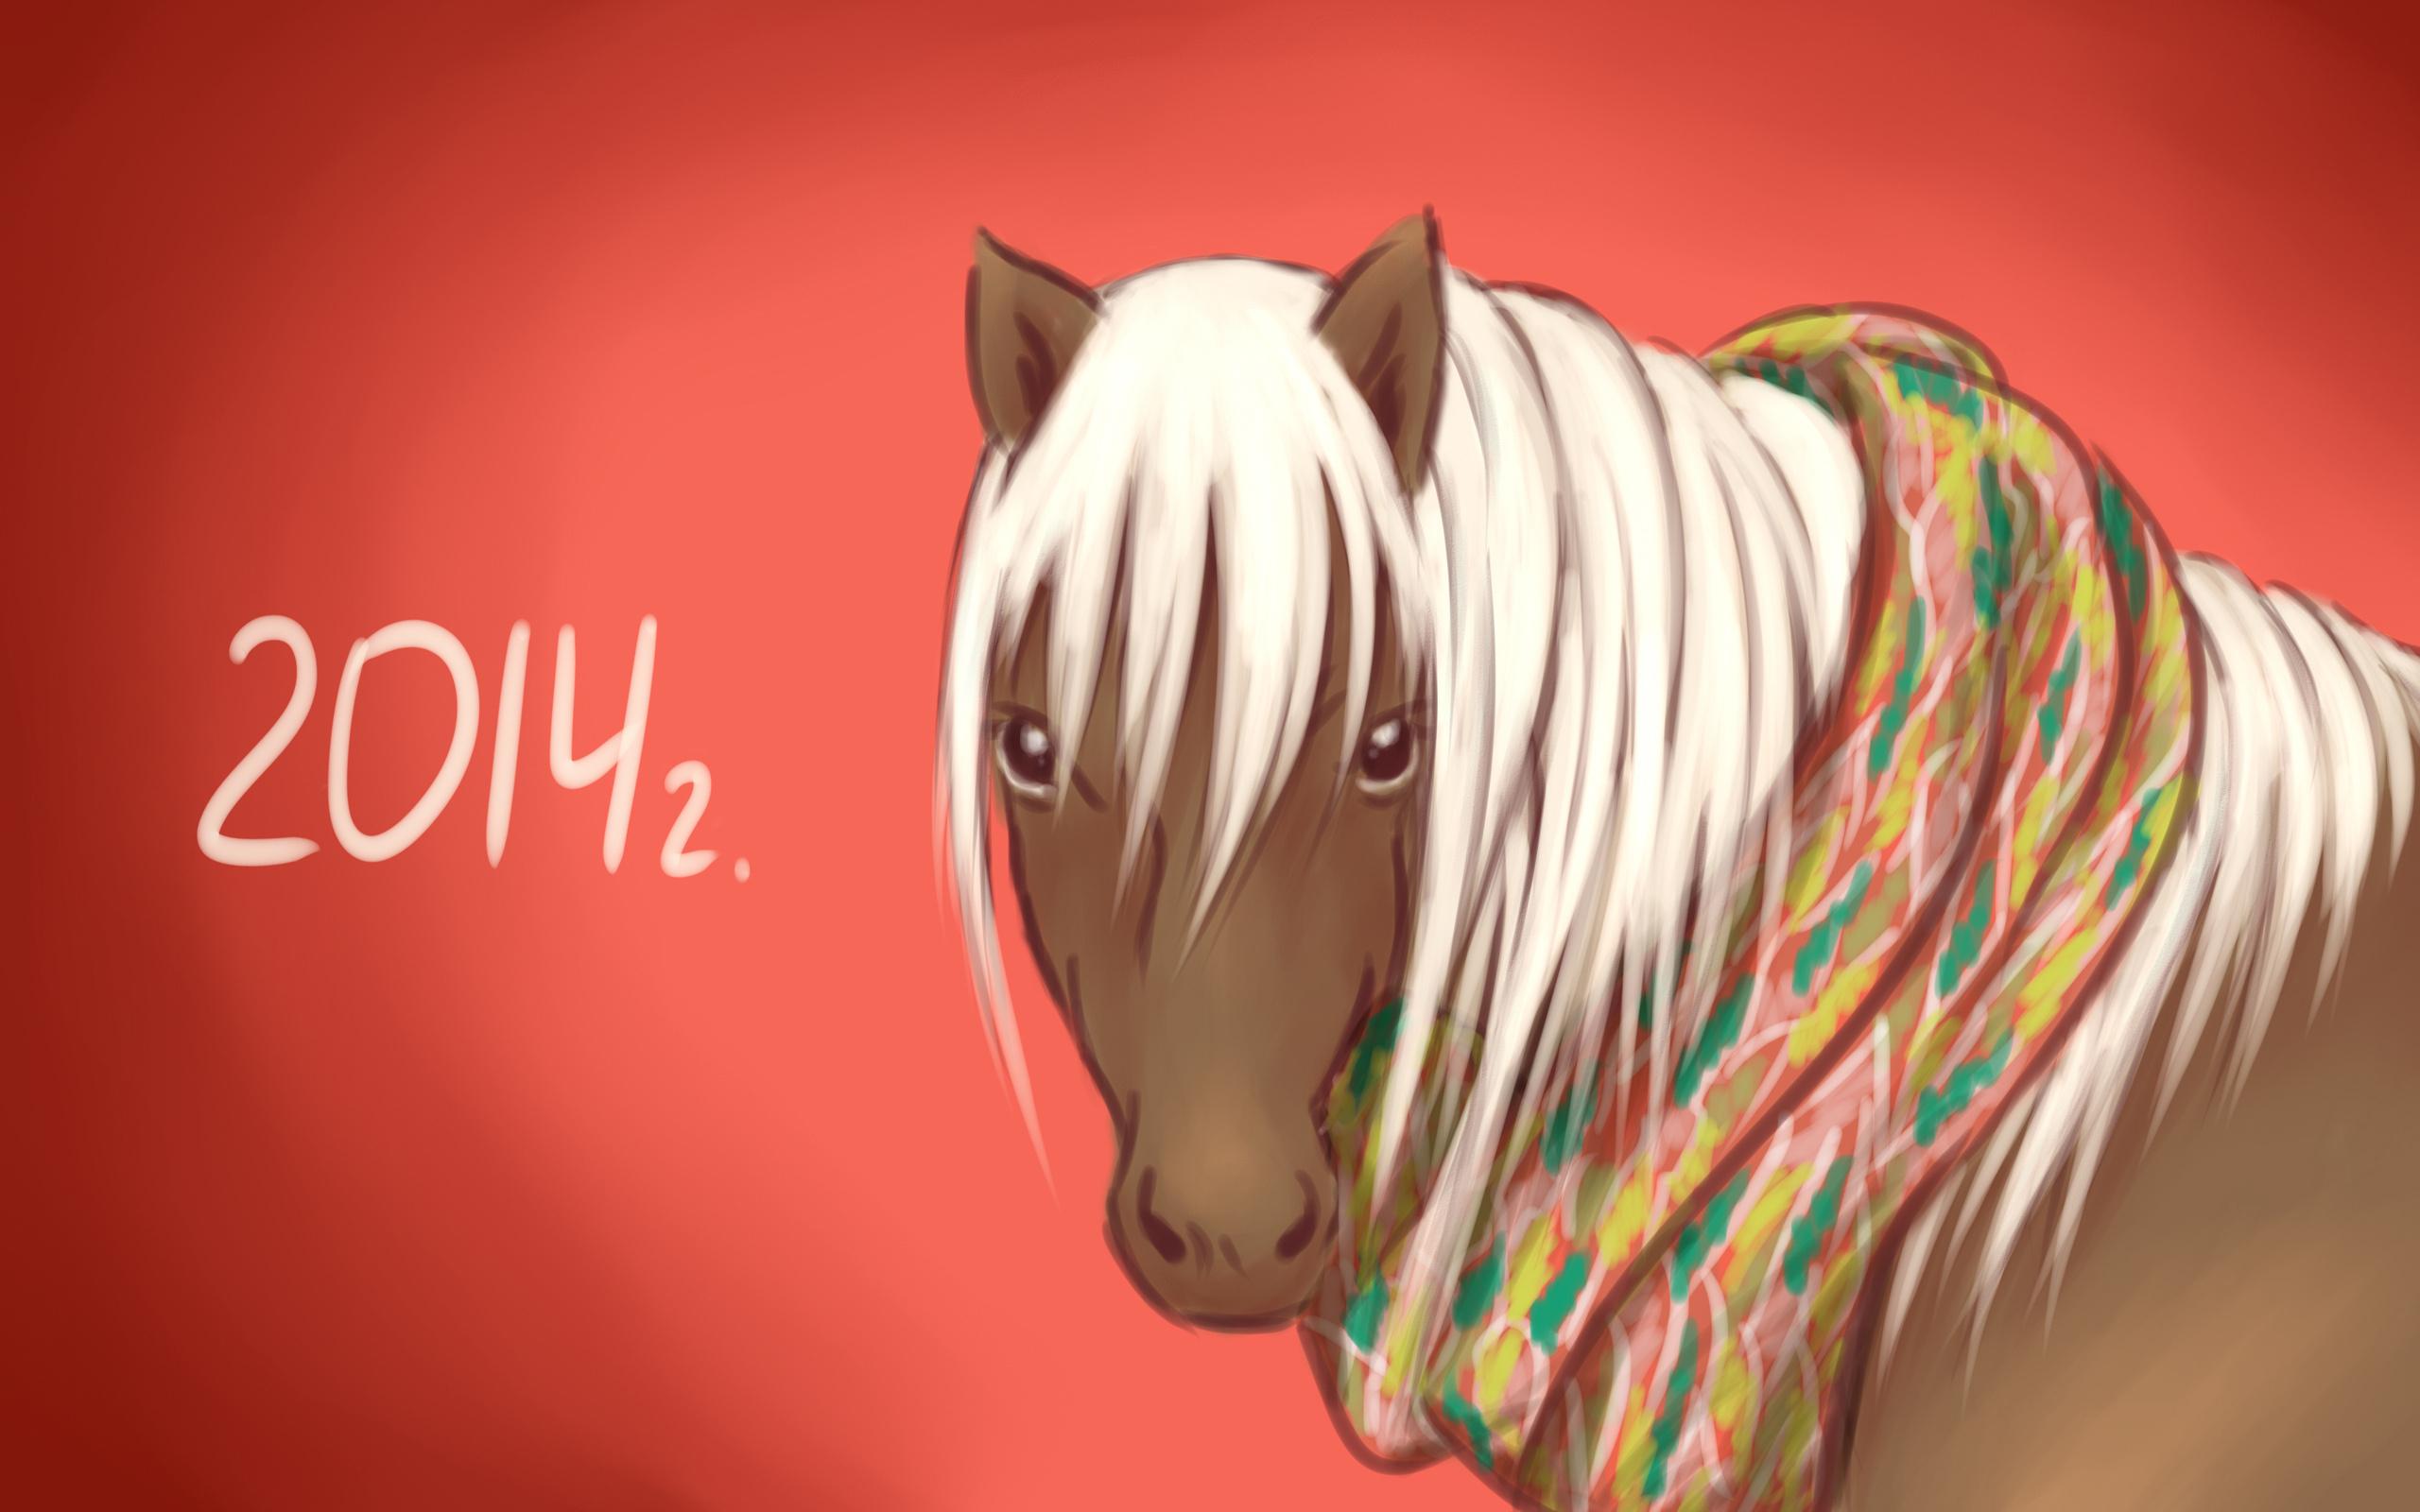 Прикольные картинки к новому году 2014 лошадей